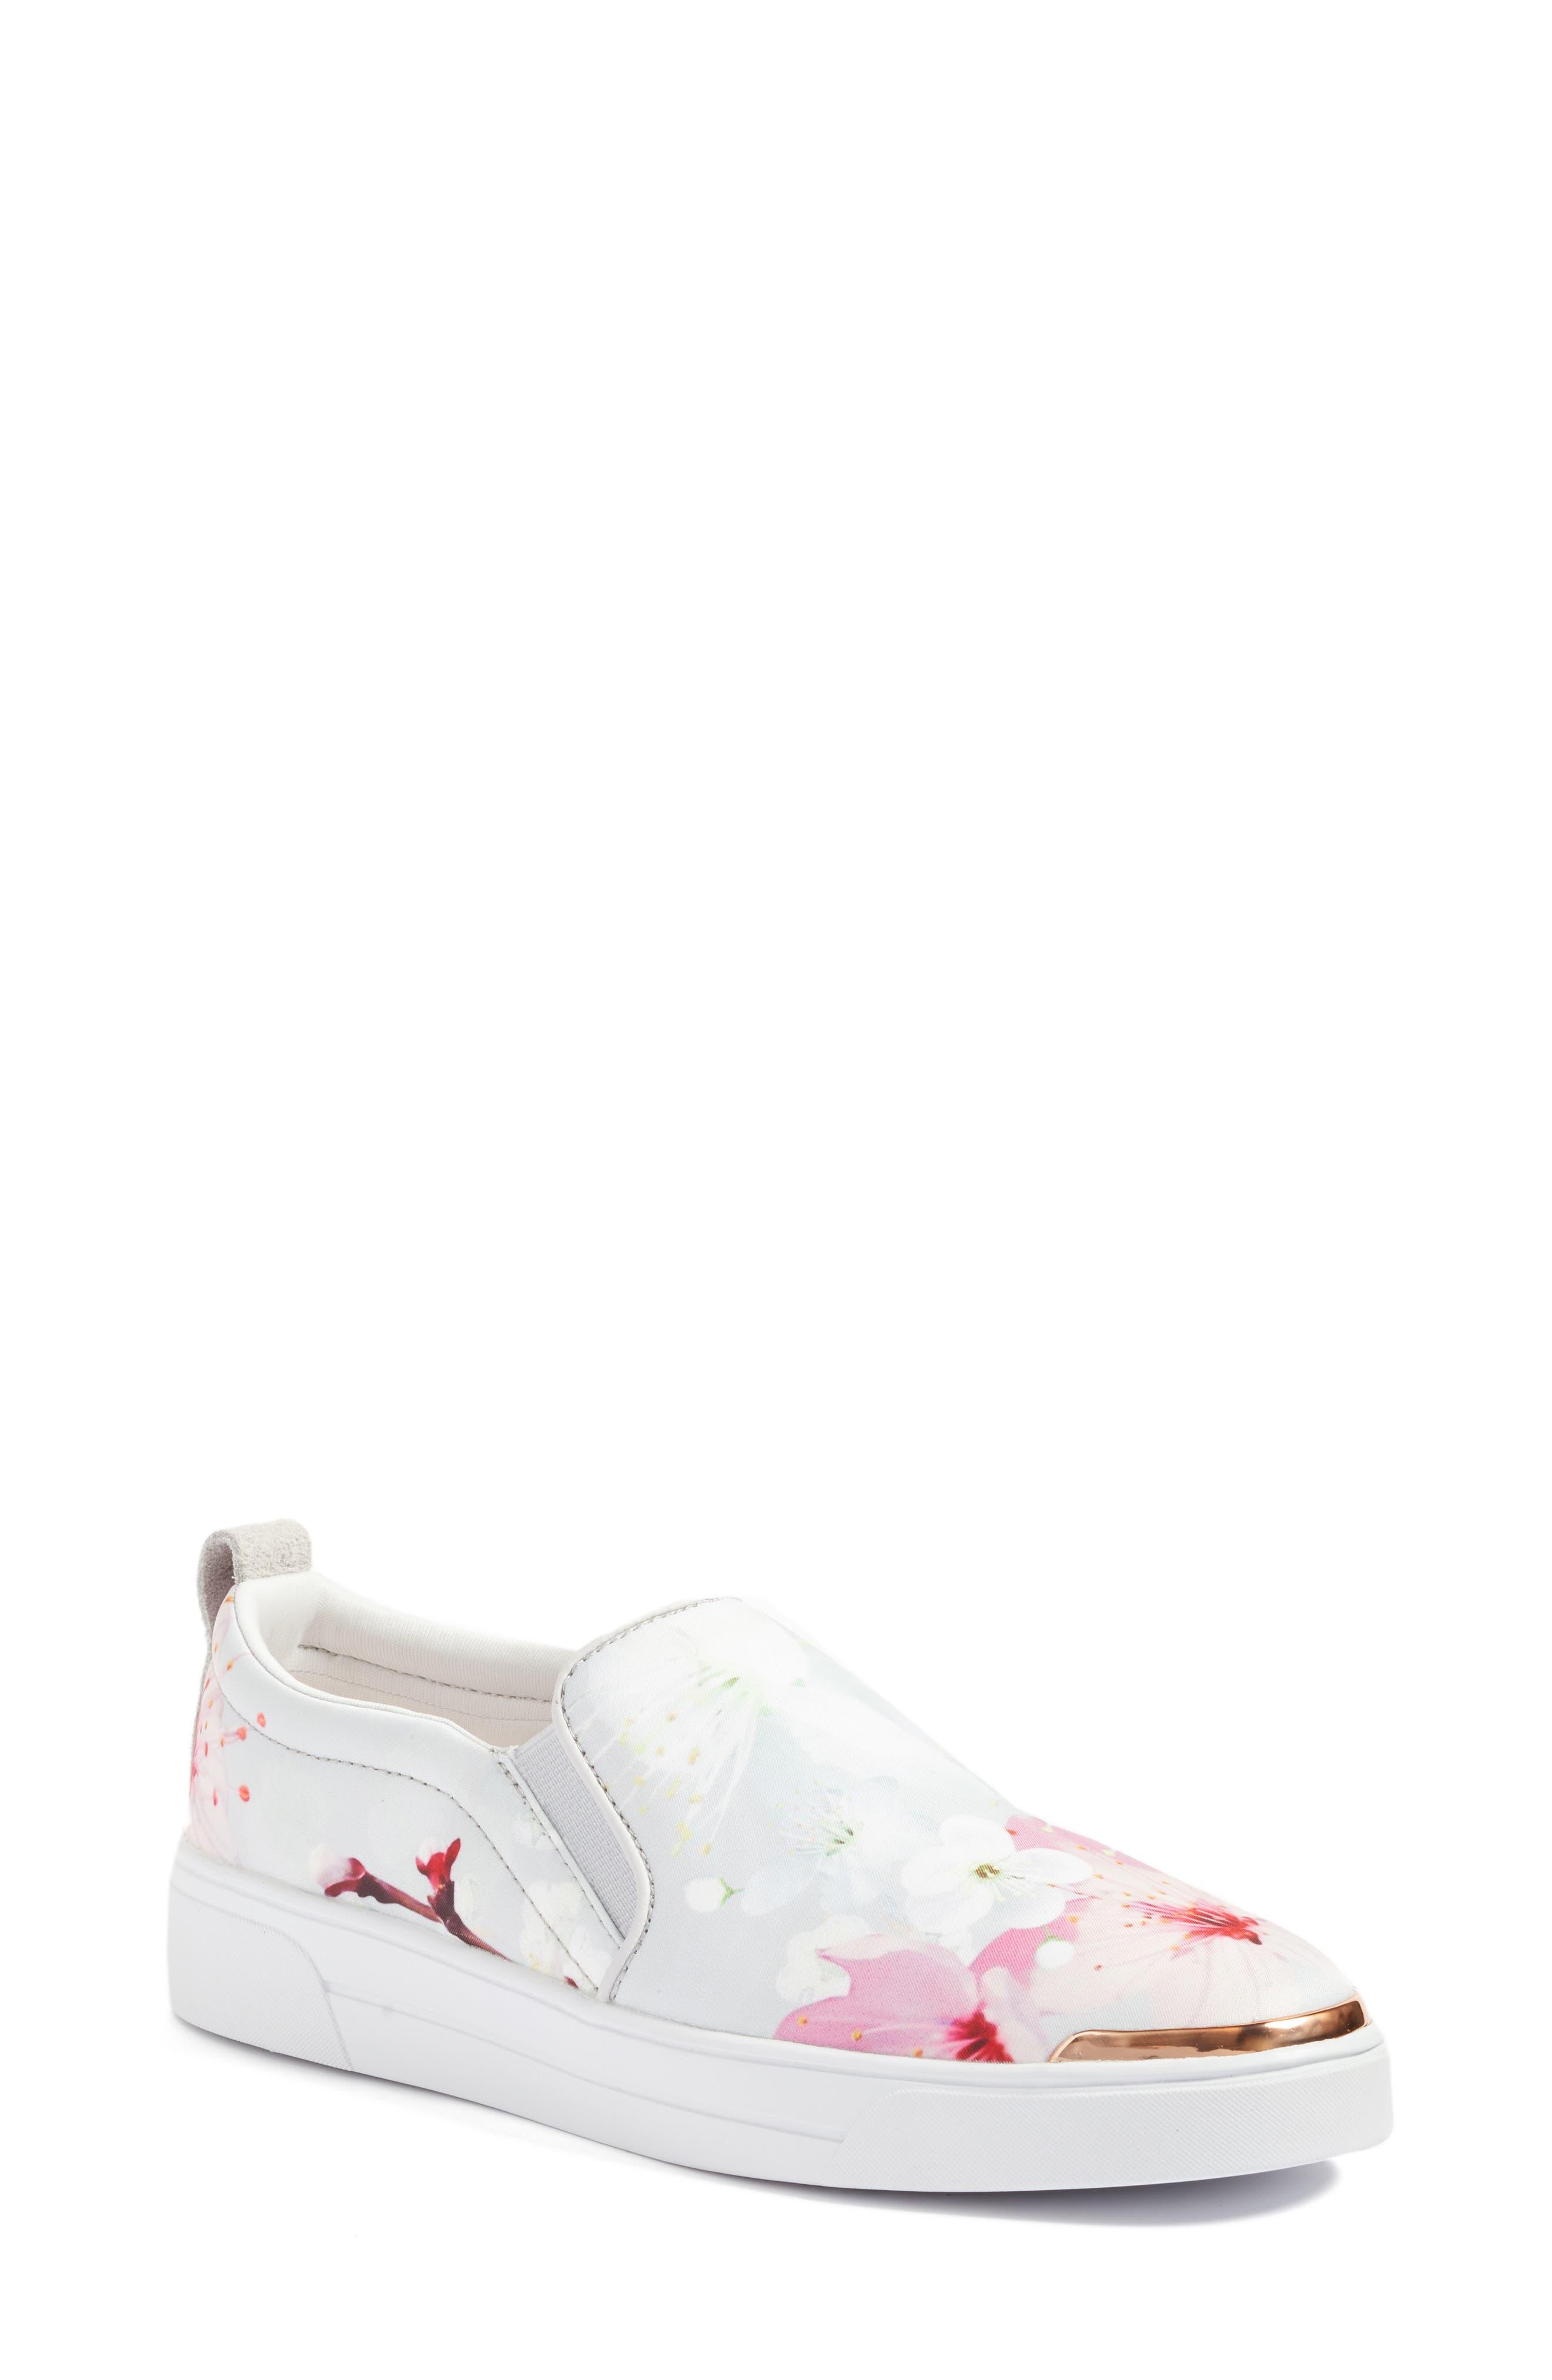 Alternate Image 1 Selected - Ted Baker London Tancey Slip-On Sneaker (Women)